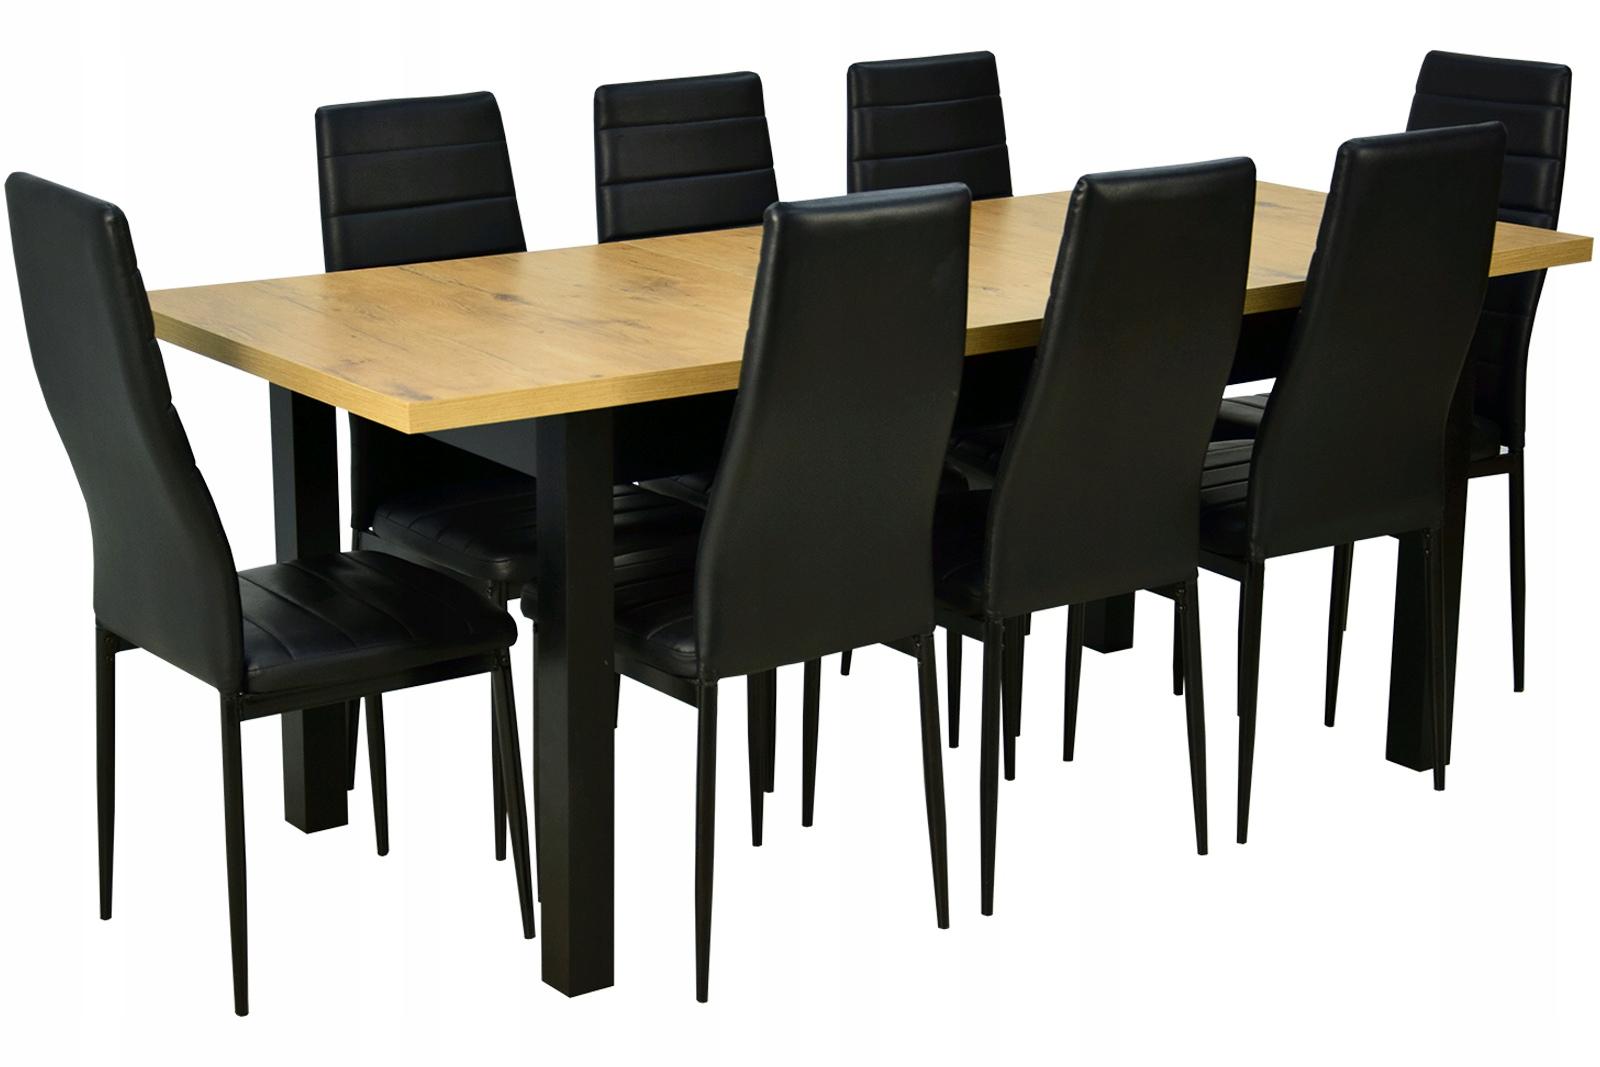 DUŻY ZESTAW Stół do 2m plus 8 krzeseł EKOSKÓRA